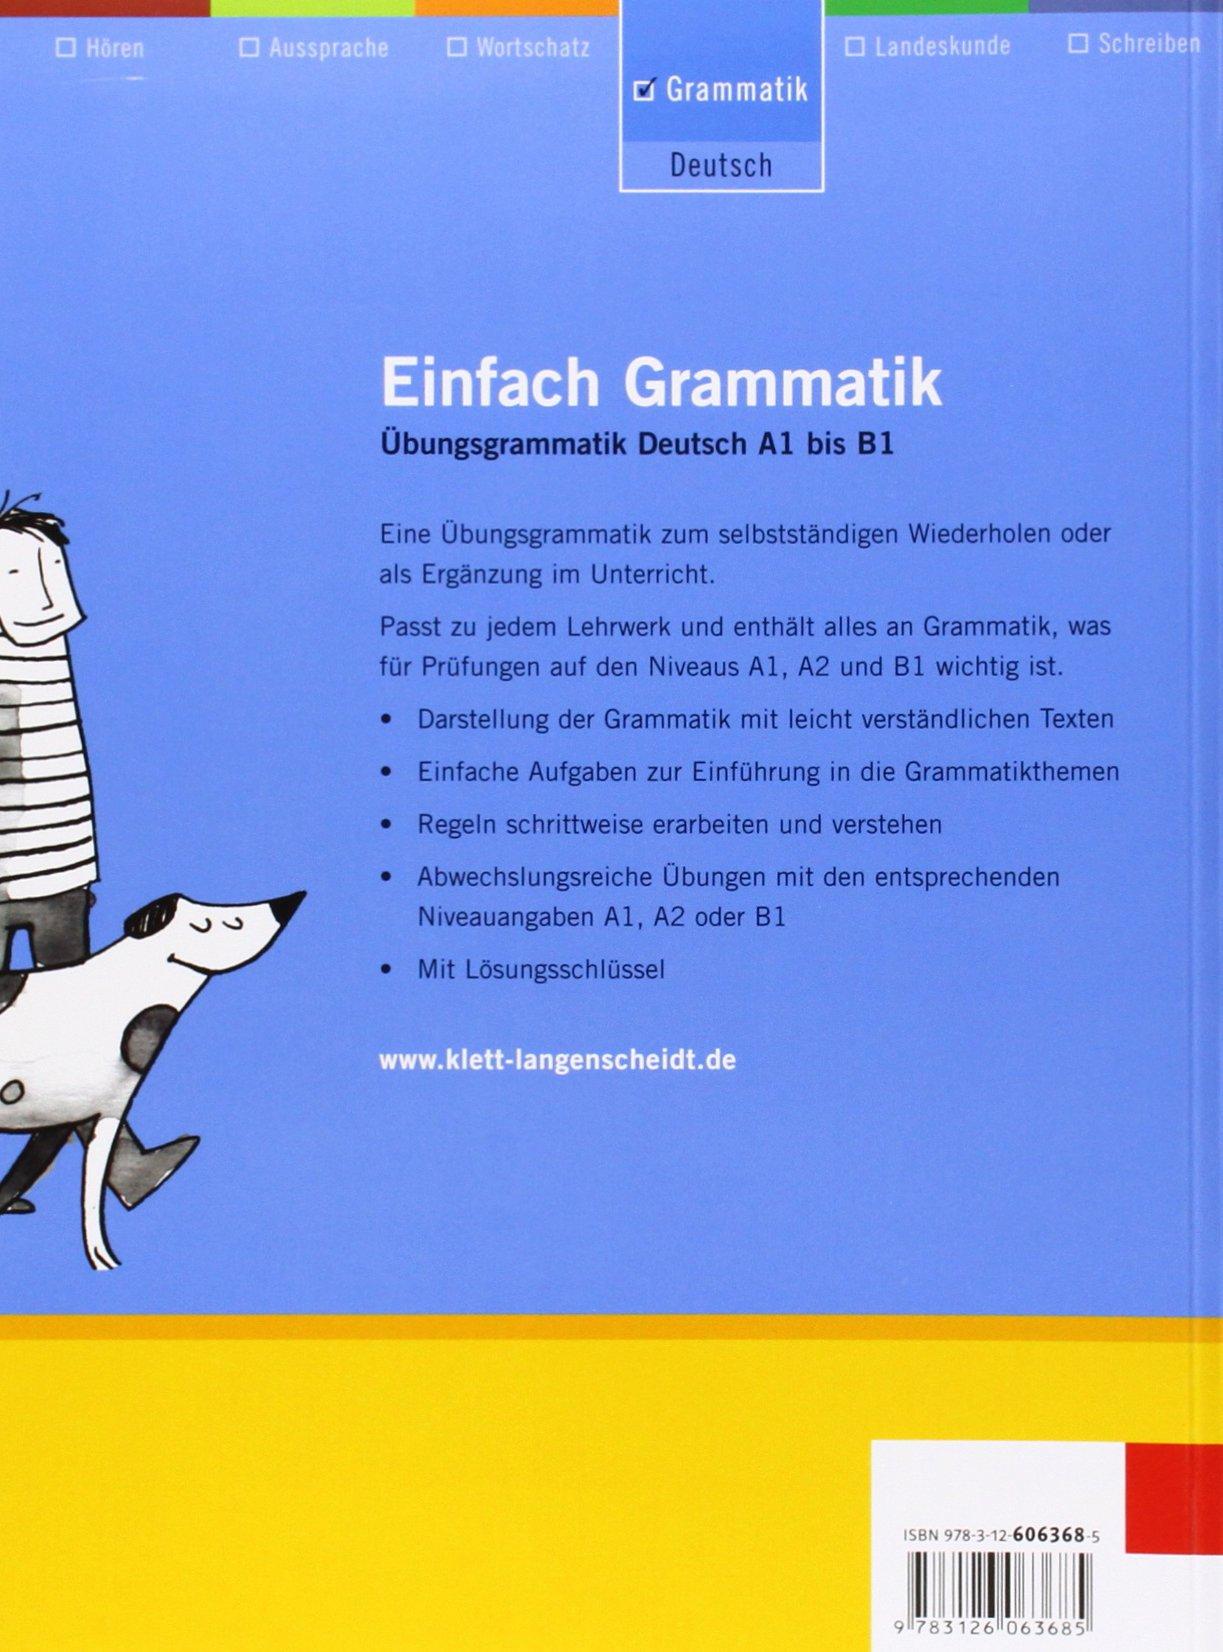 EINFACH GRAMMATIK A1 BIS B1 DOWNLOAD